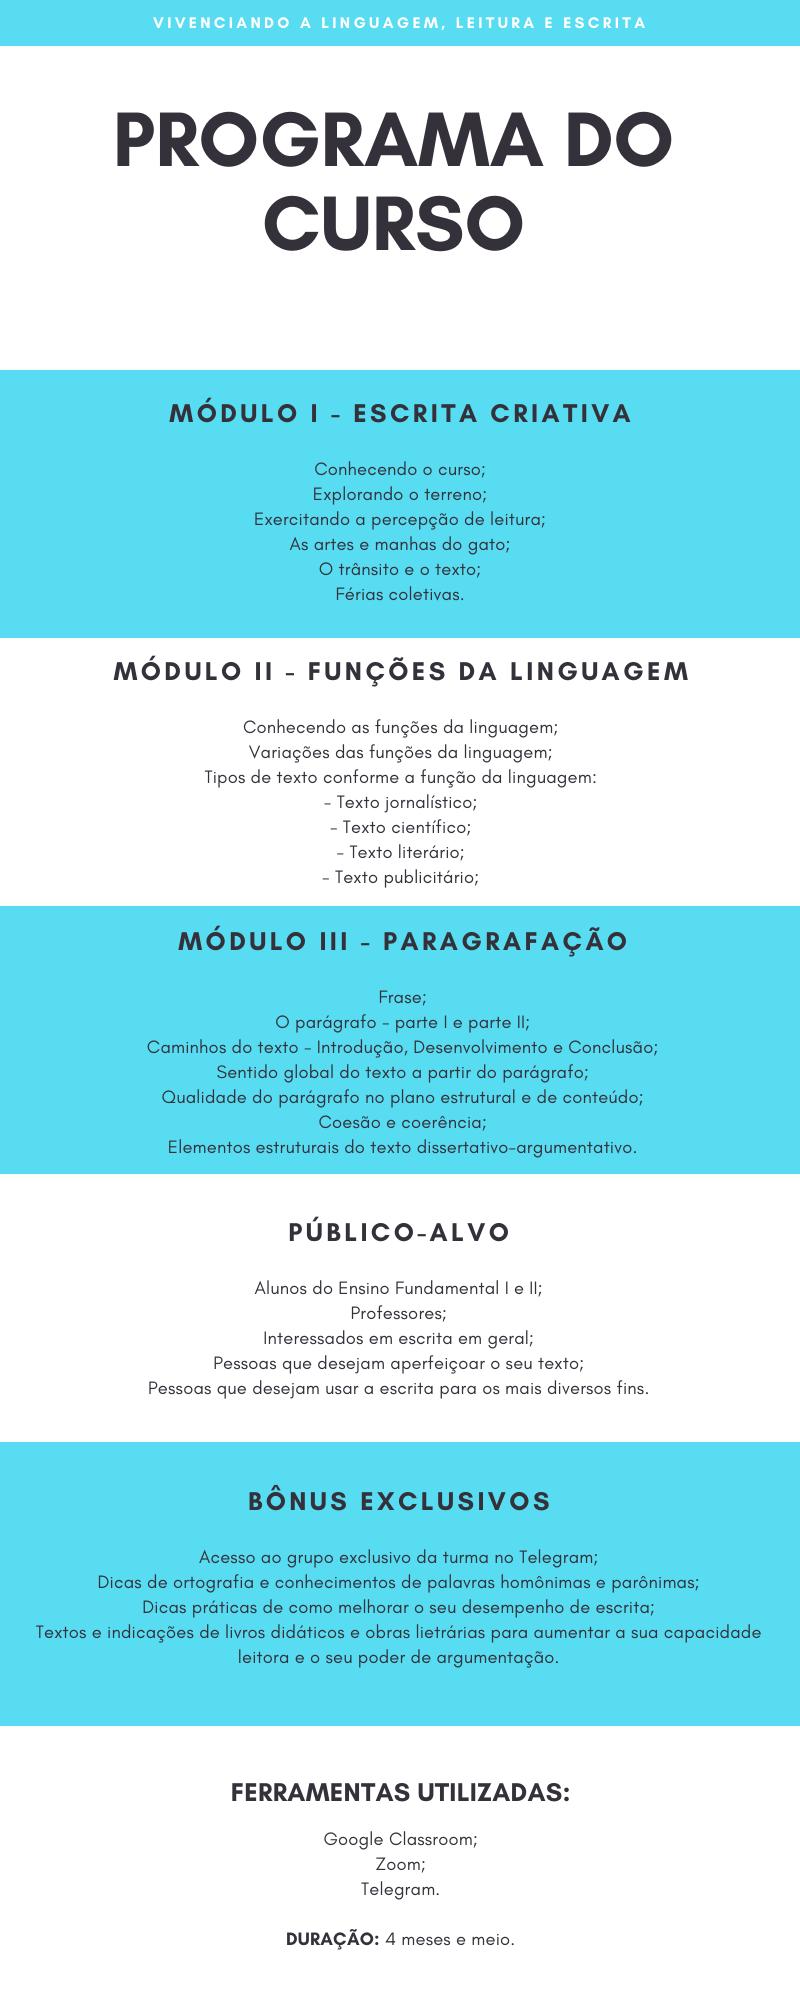 Copy of vivenciando a linguagem, leitura e escrita